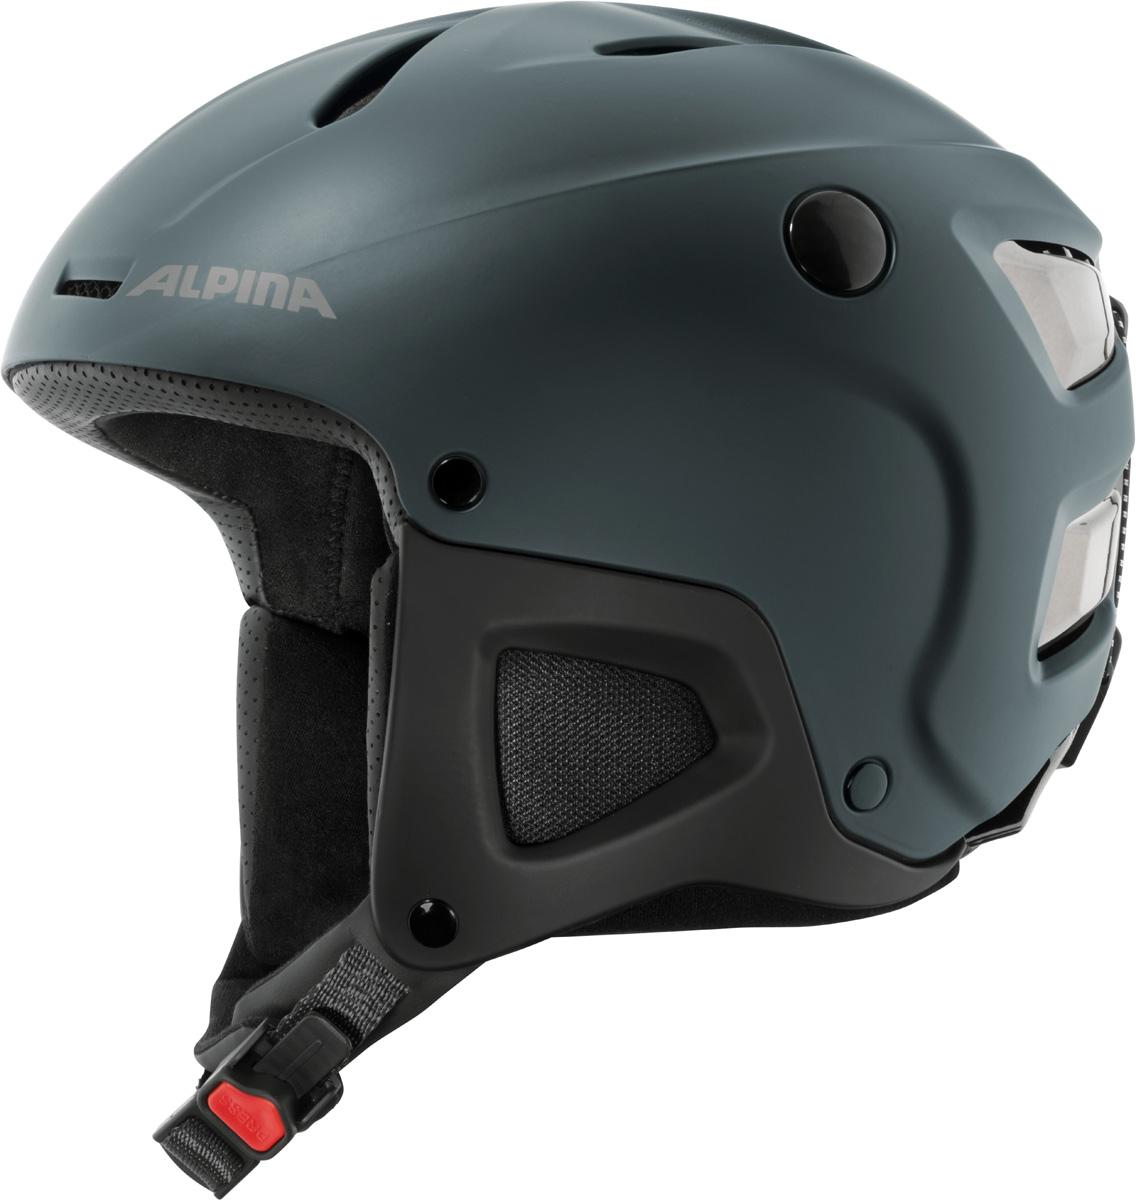 Шлем горнолыжный Alpina ATTELAS nightblue matt. Размер 53-58A9089_80Запатентованная новая революционная технология ERGO3 позволяет подстроить размер верхней части шлема по голове. Простая и интуитивно понятная регулировка позволяет добиться идеальной посадки на голову любой формы. Точная система с храповым замком позволяет простым движением руки сделать шире или уже и внутреннюю часть шлема. Система ERGO3 обеспечивает не только изменение объема, но и комфорт третьего поколения.